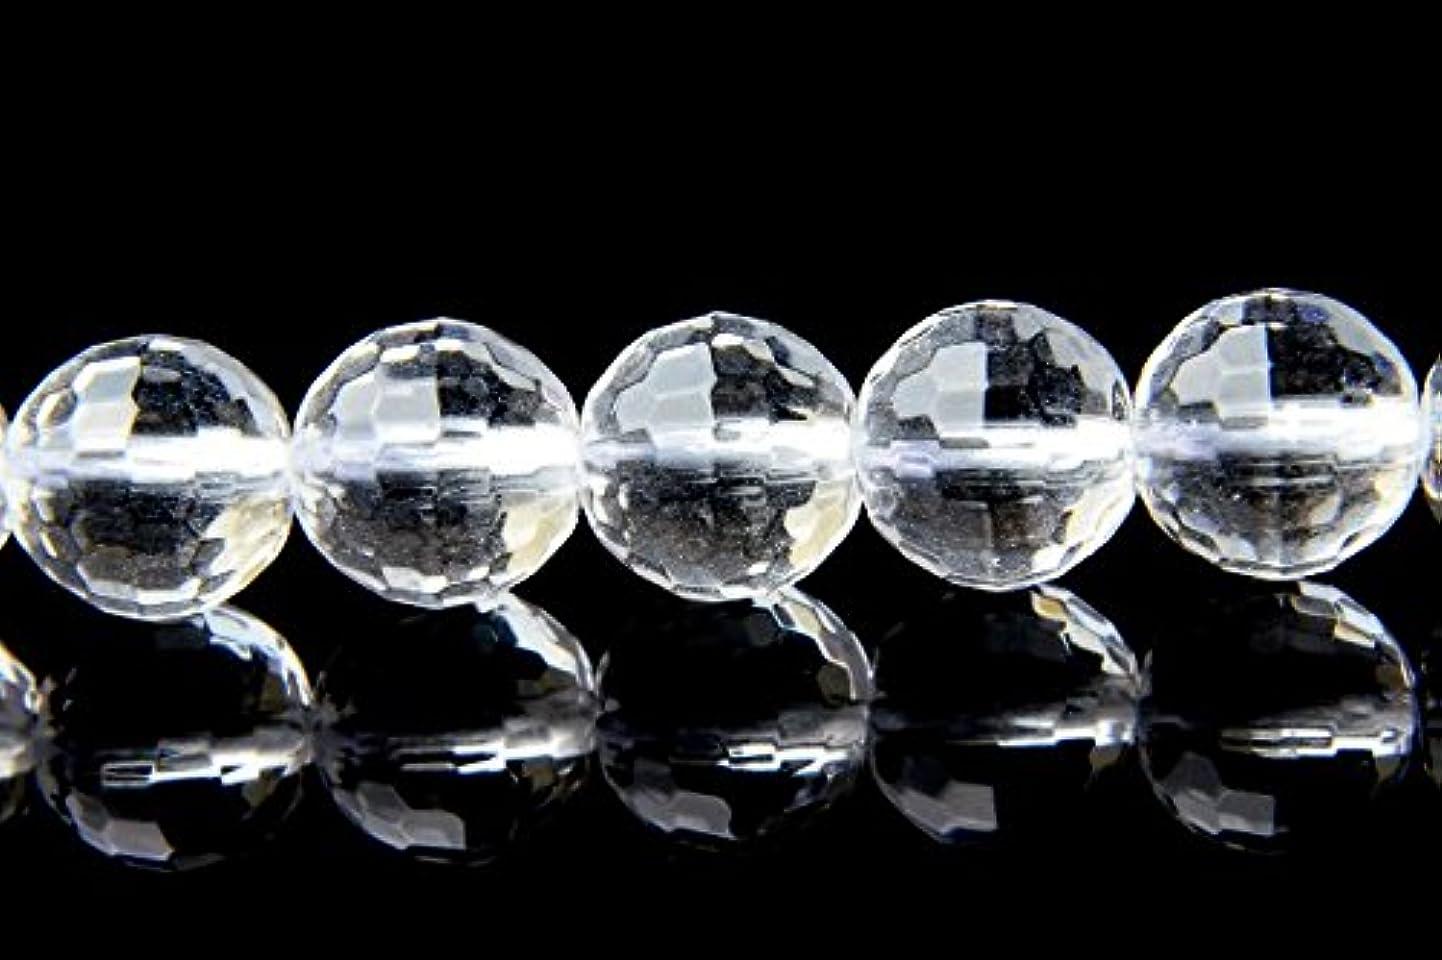 カストディアンセットするすることになっている【福縁閣】水晶128面カット 16mm 1連(約38cm)Rock crystal_R295 天然石 パワーストーン ビーズ